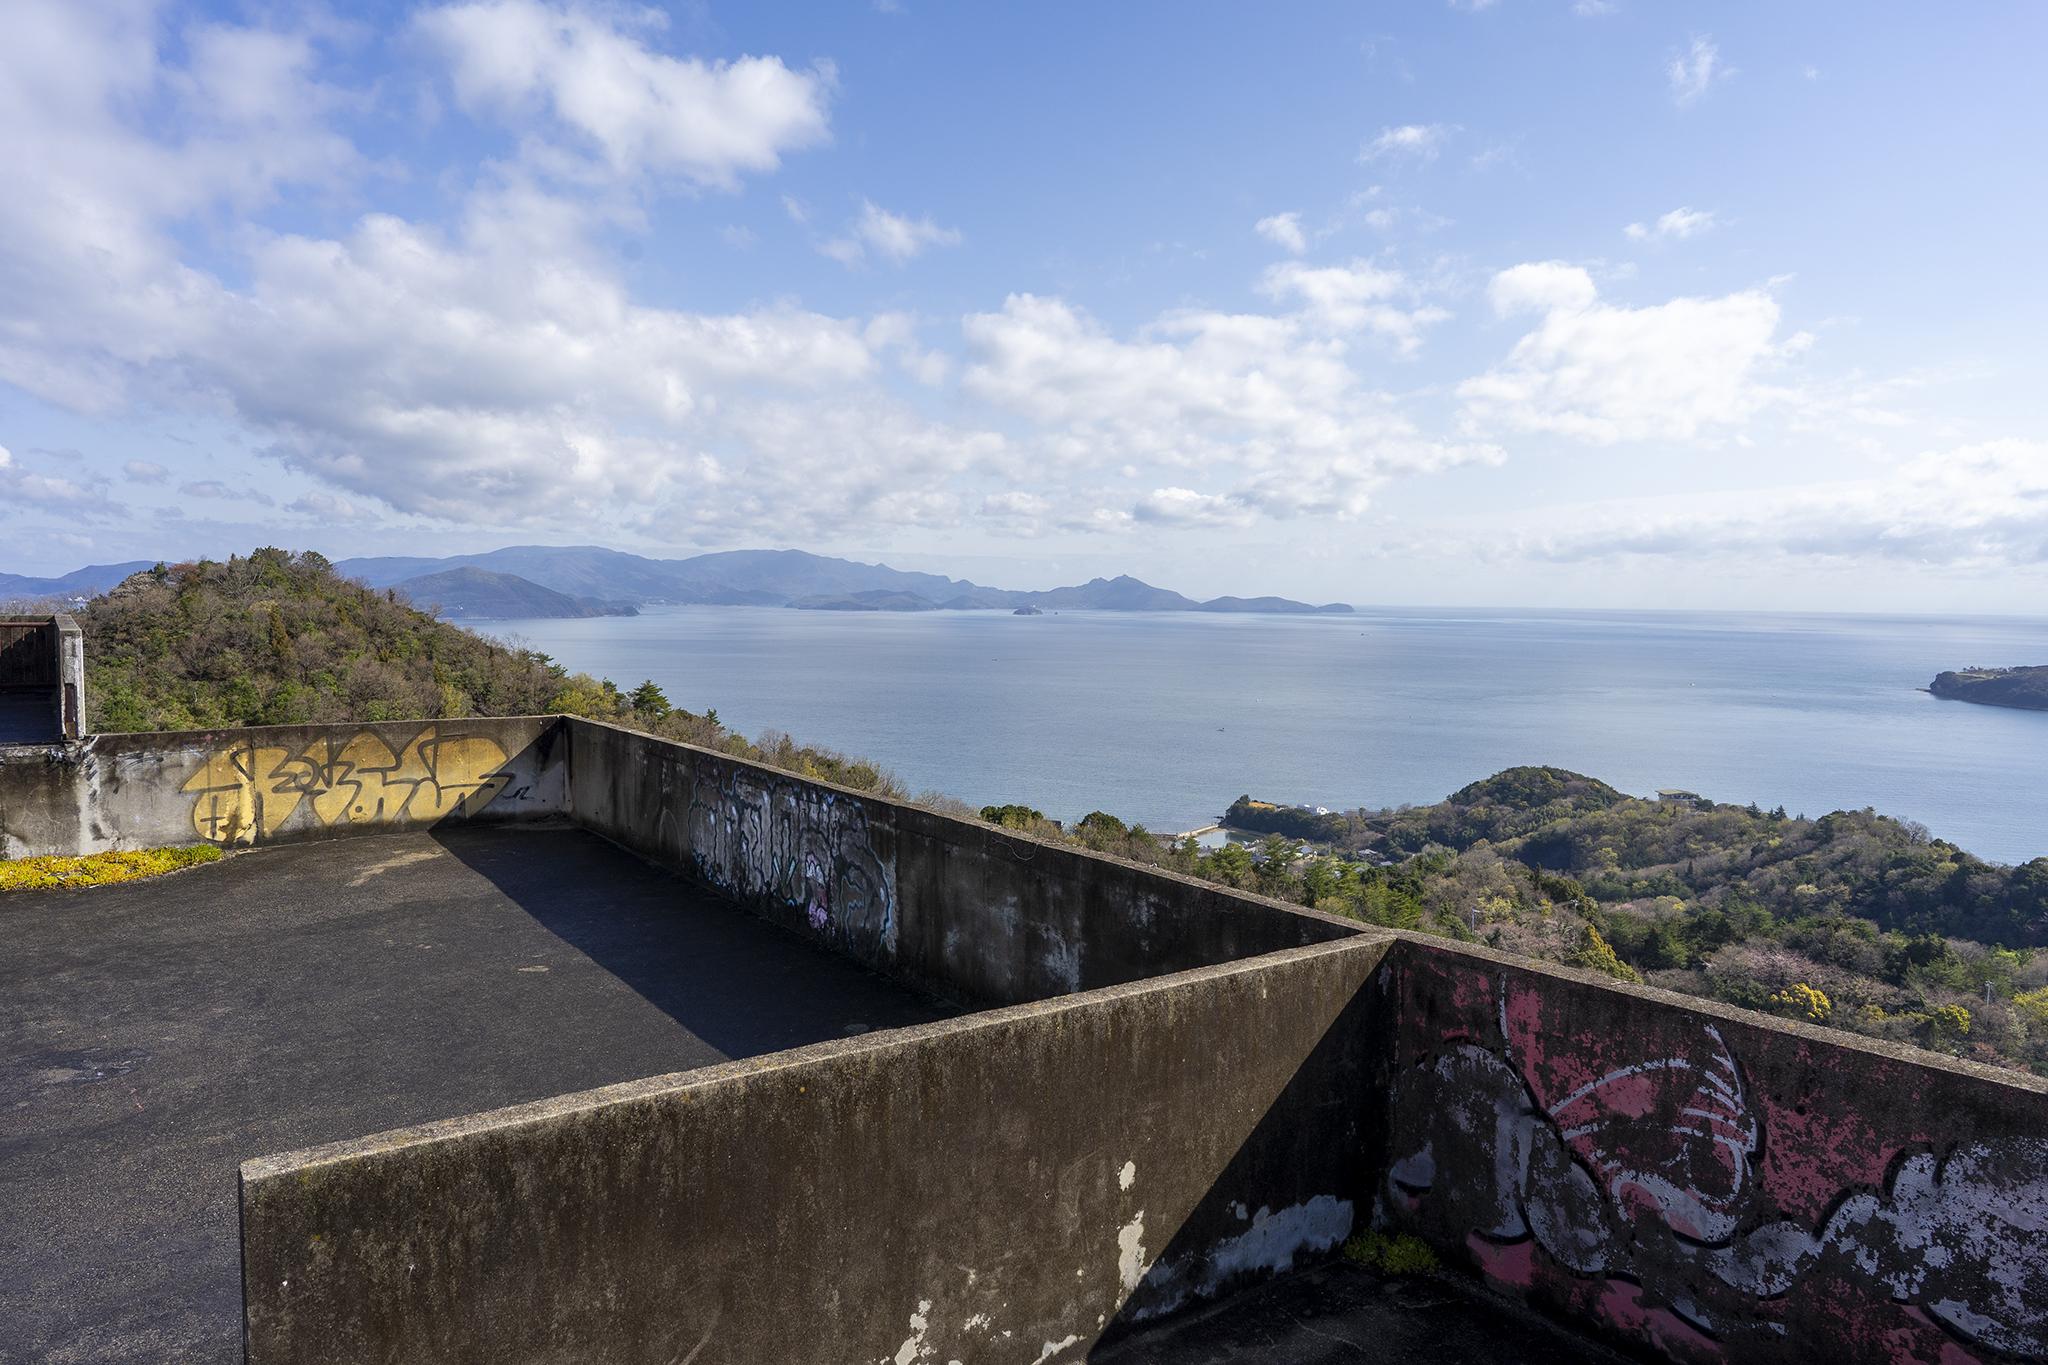 日盛山の廃墟から見た瀬戸内海